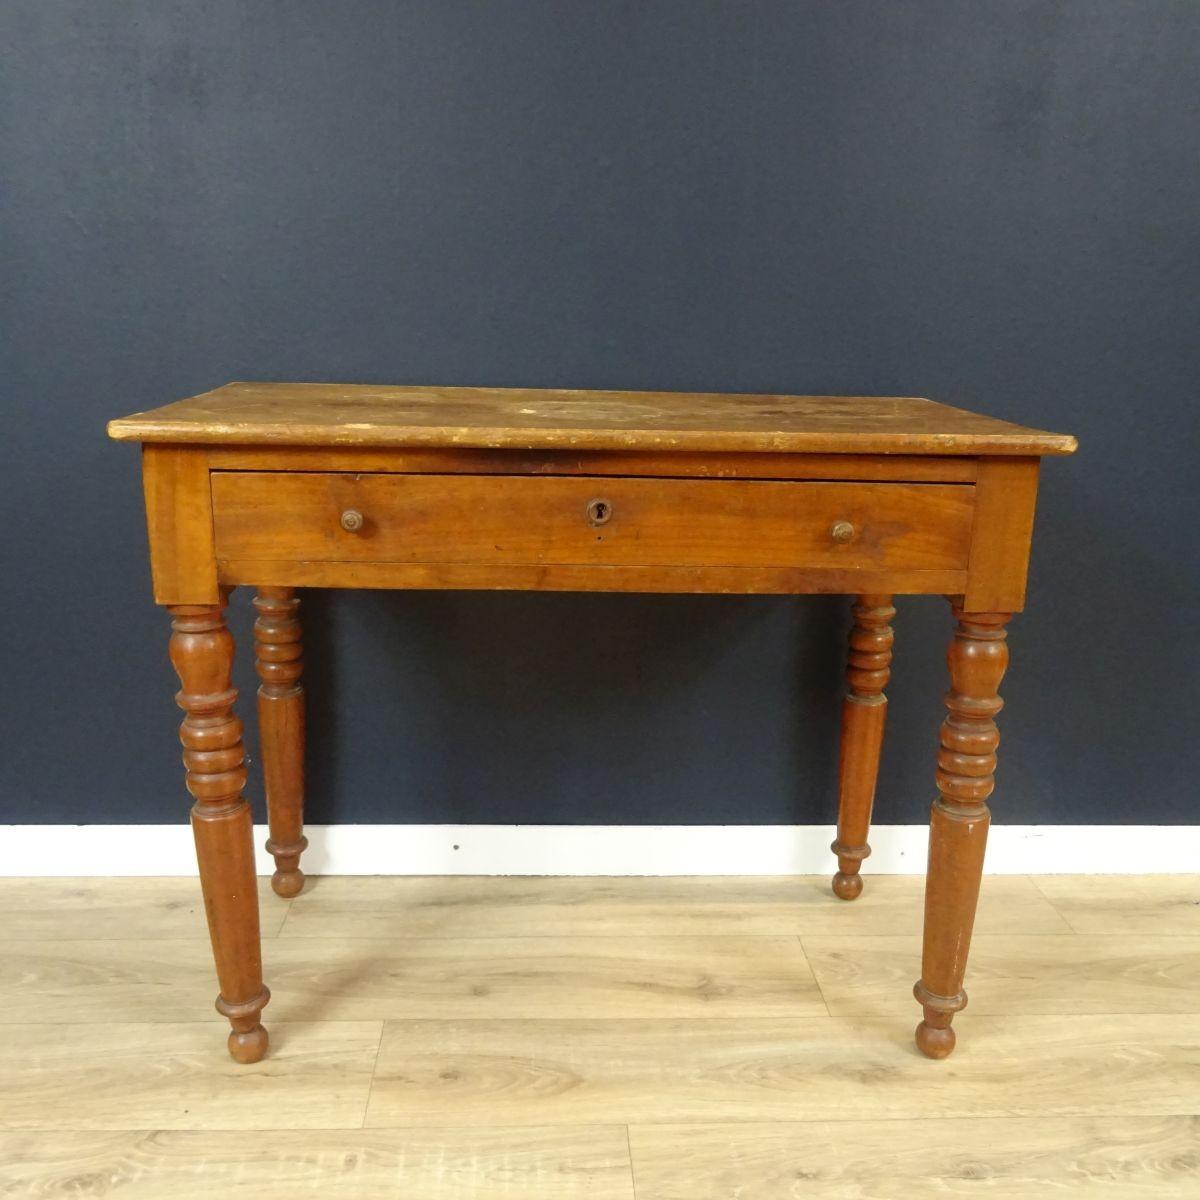 petite table en bois ancienne a un